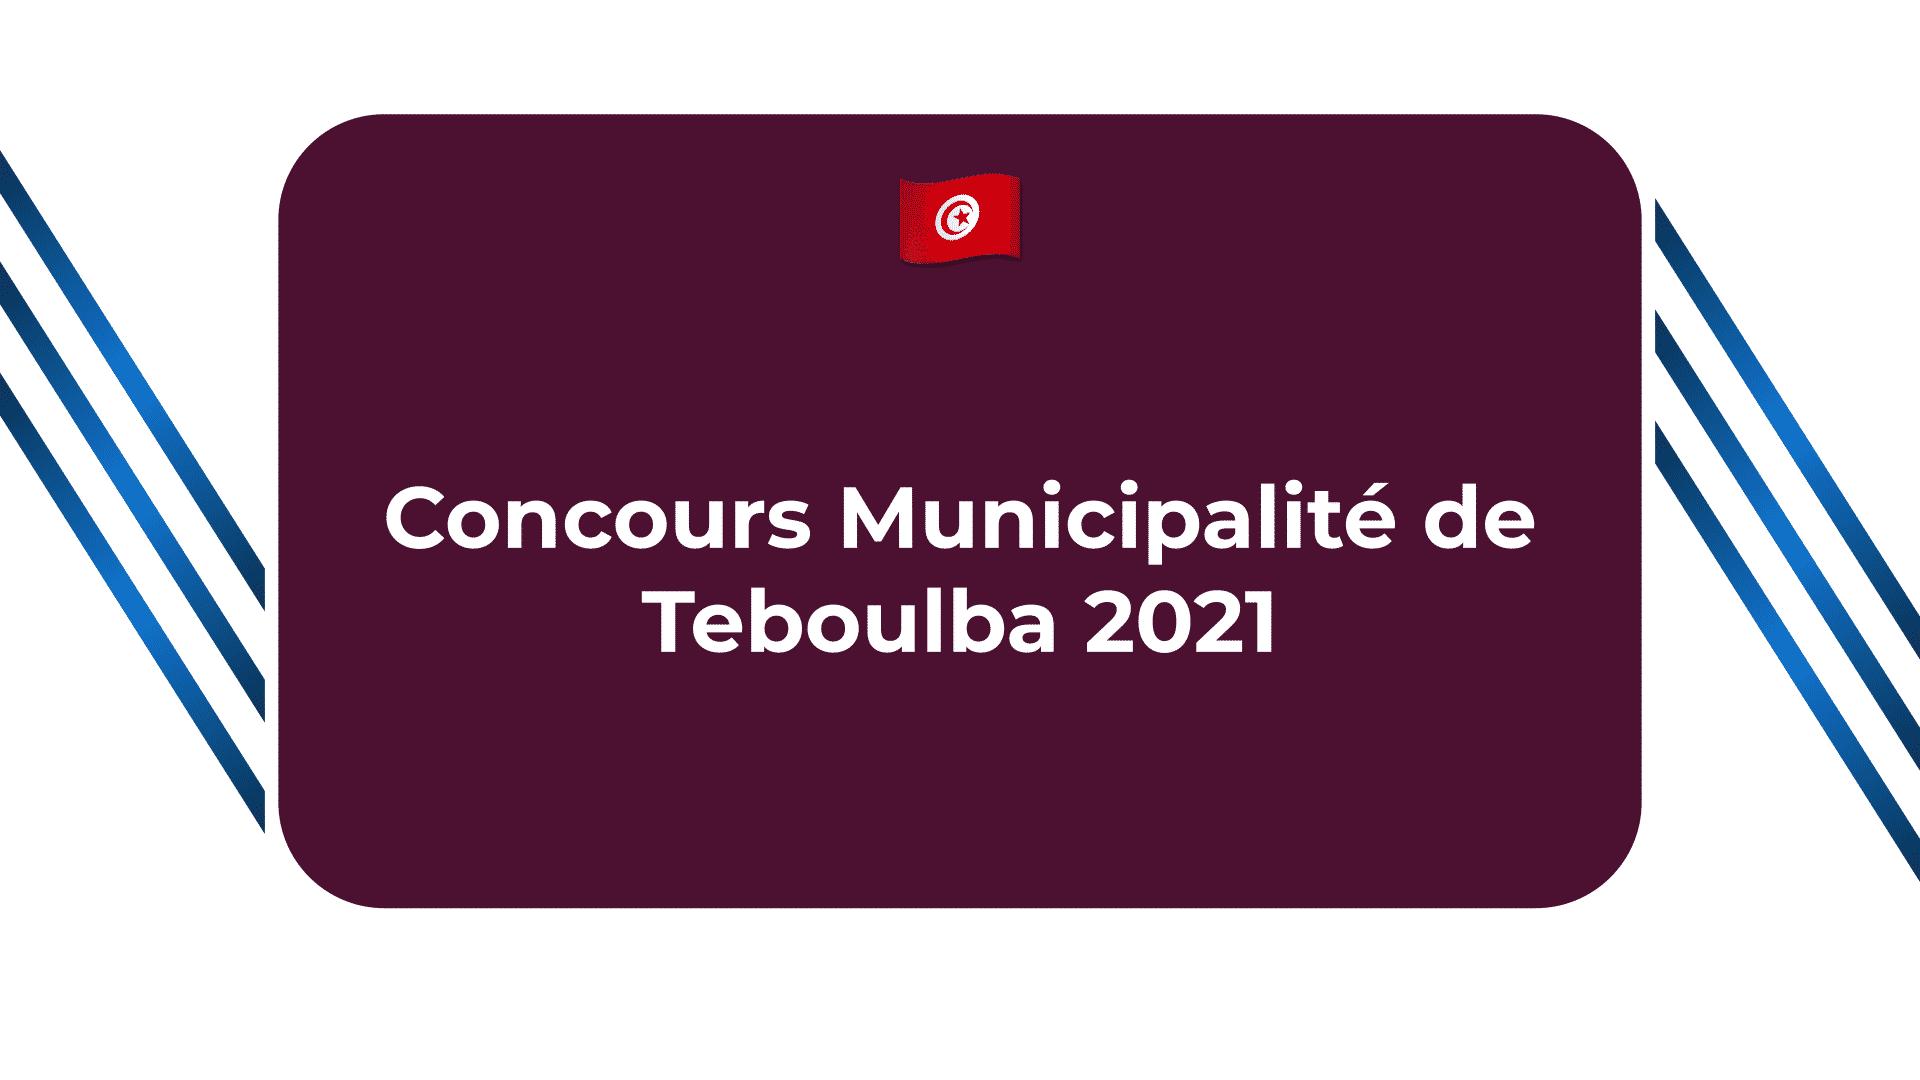 Concours Municipalité de Teboulba 2021